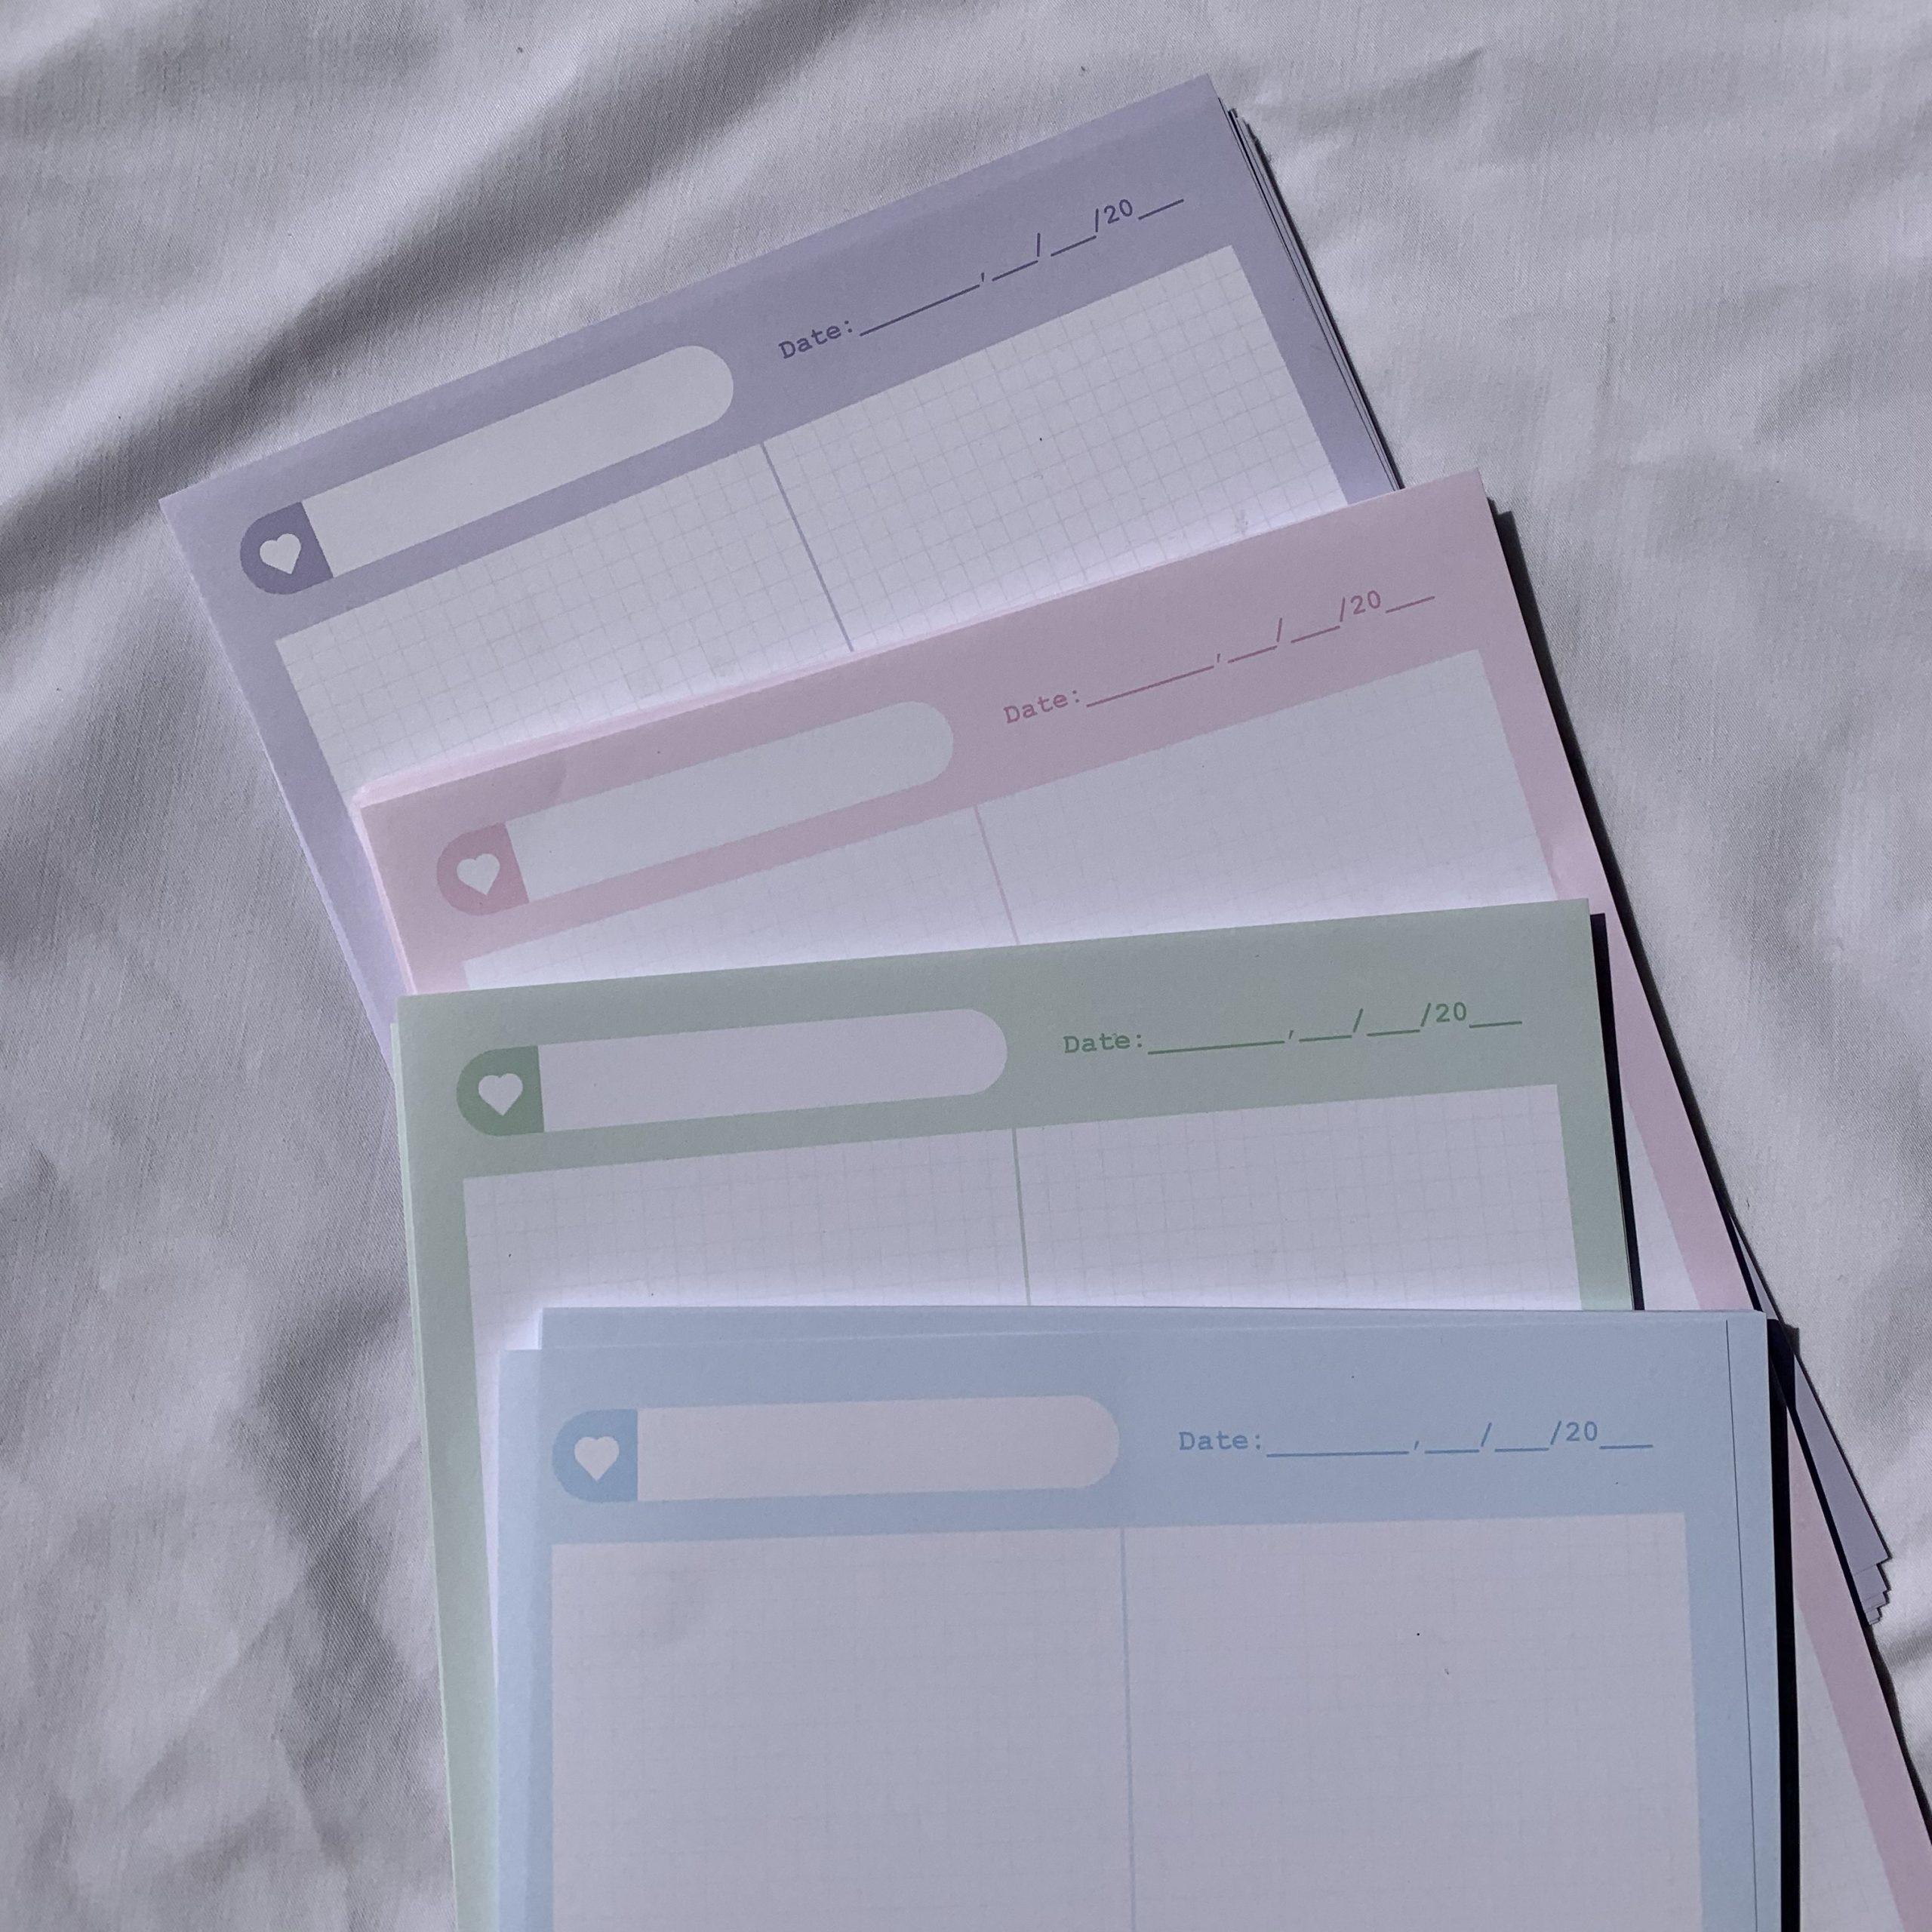 Kích thước in giấy note thông dụng nhất hiện nat